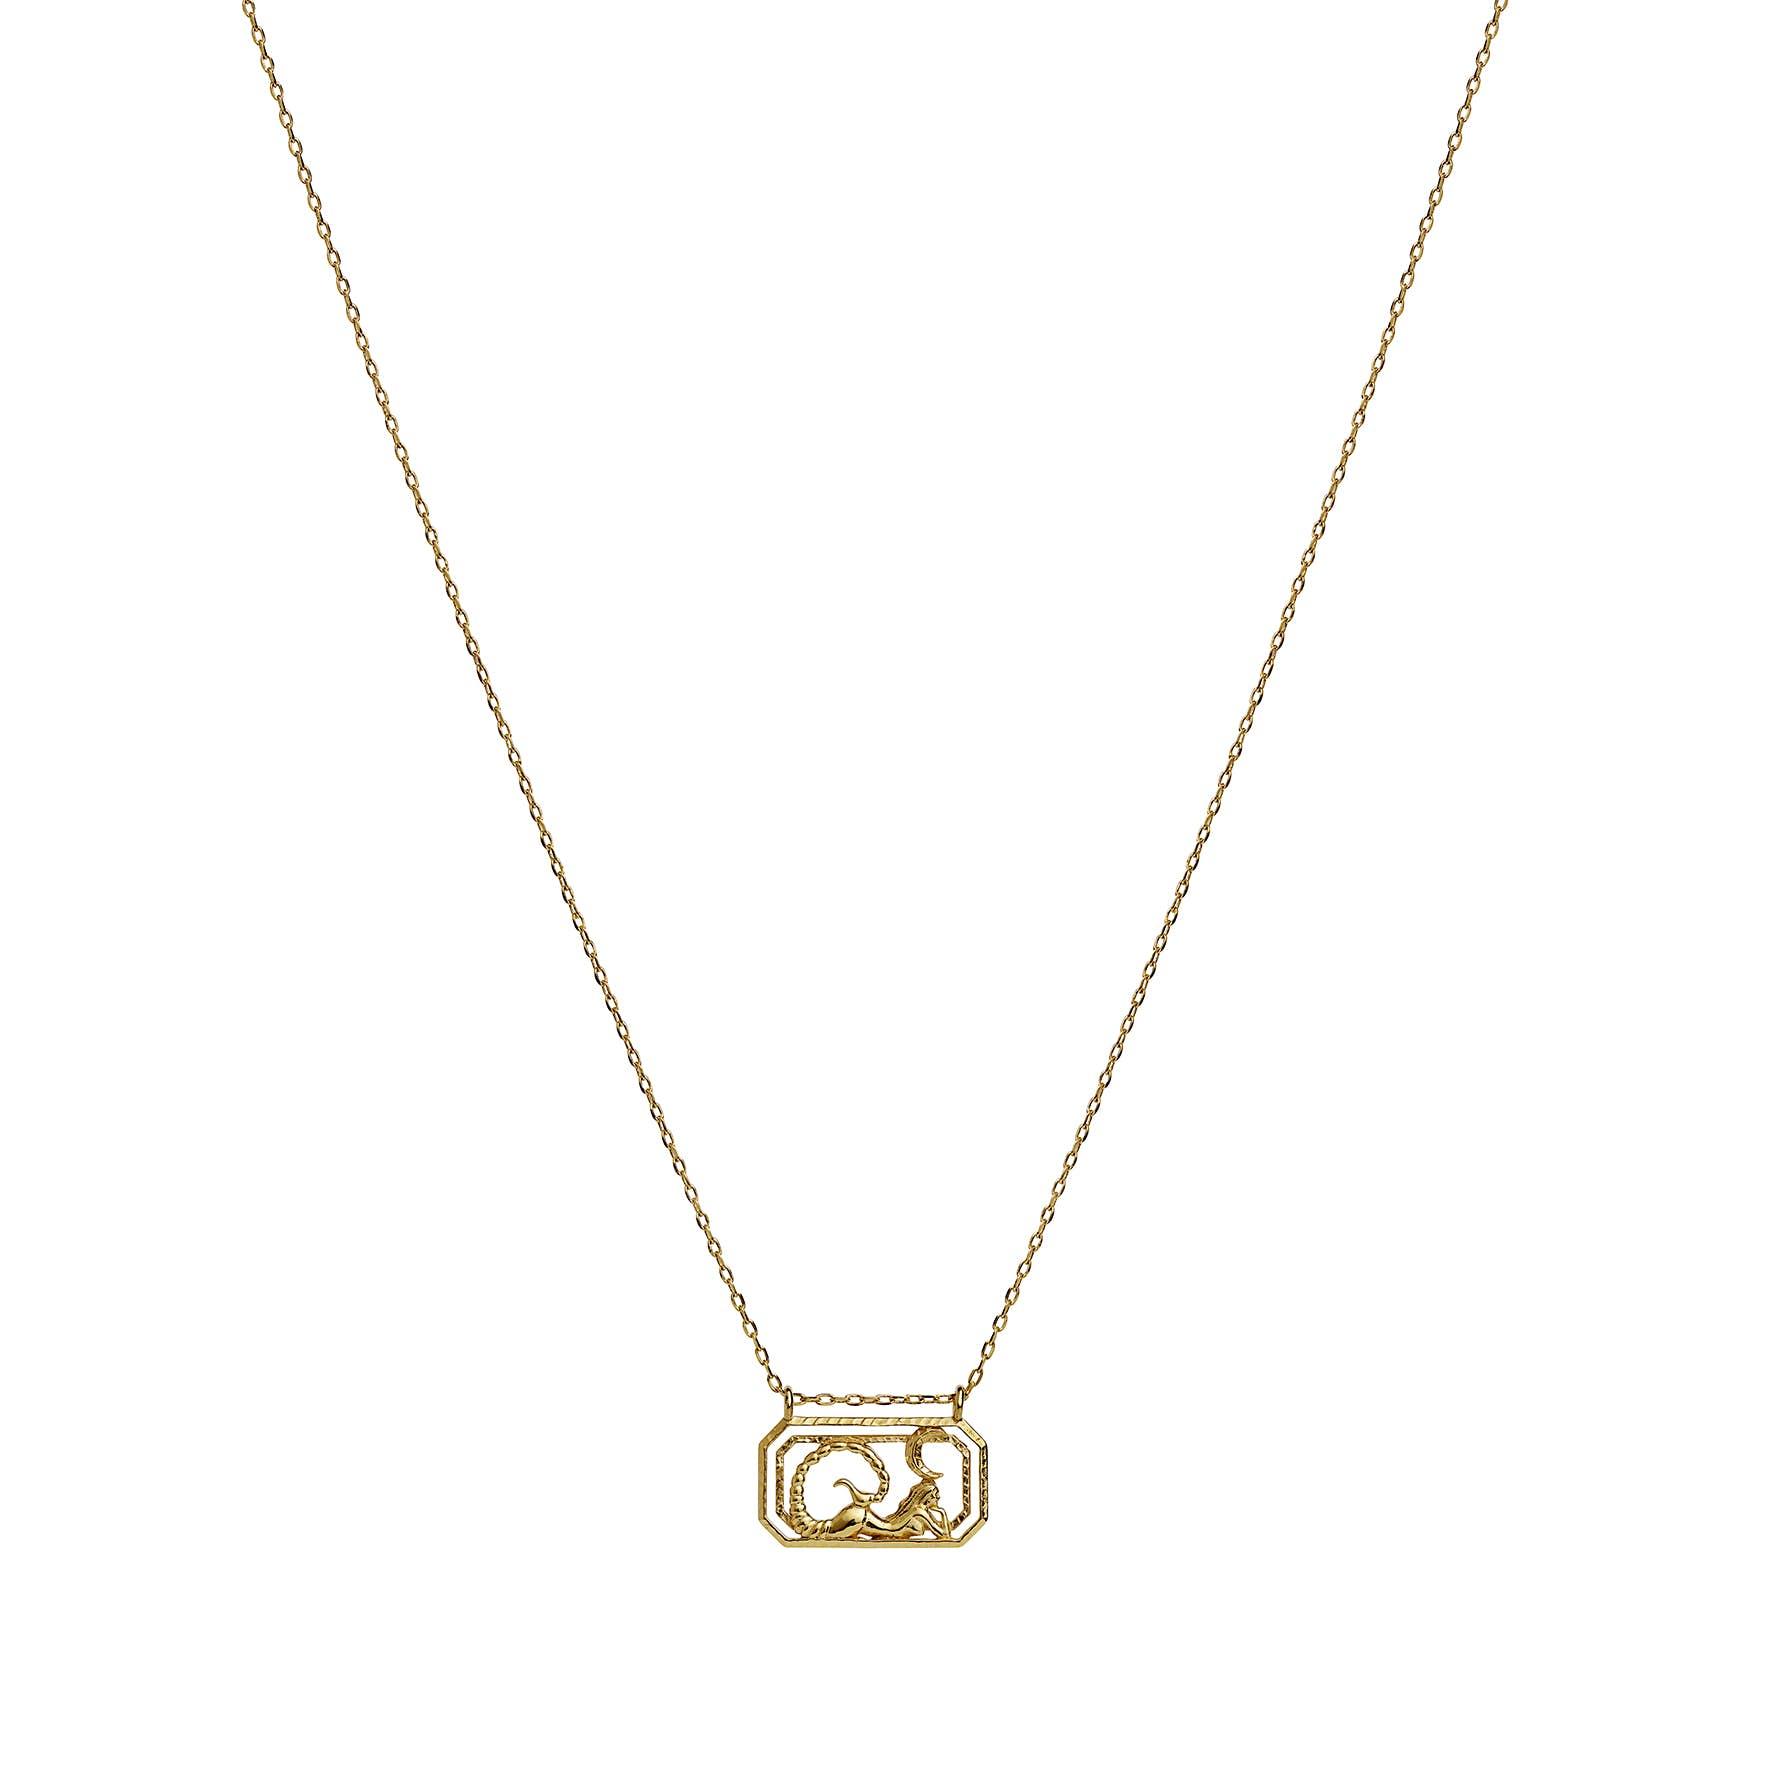 Zodiac Scorpio Necklace (Oct 23 - Nov 22) von Maanesten in Vergoldet-Silber Sterling 925